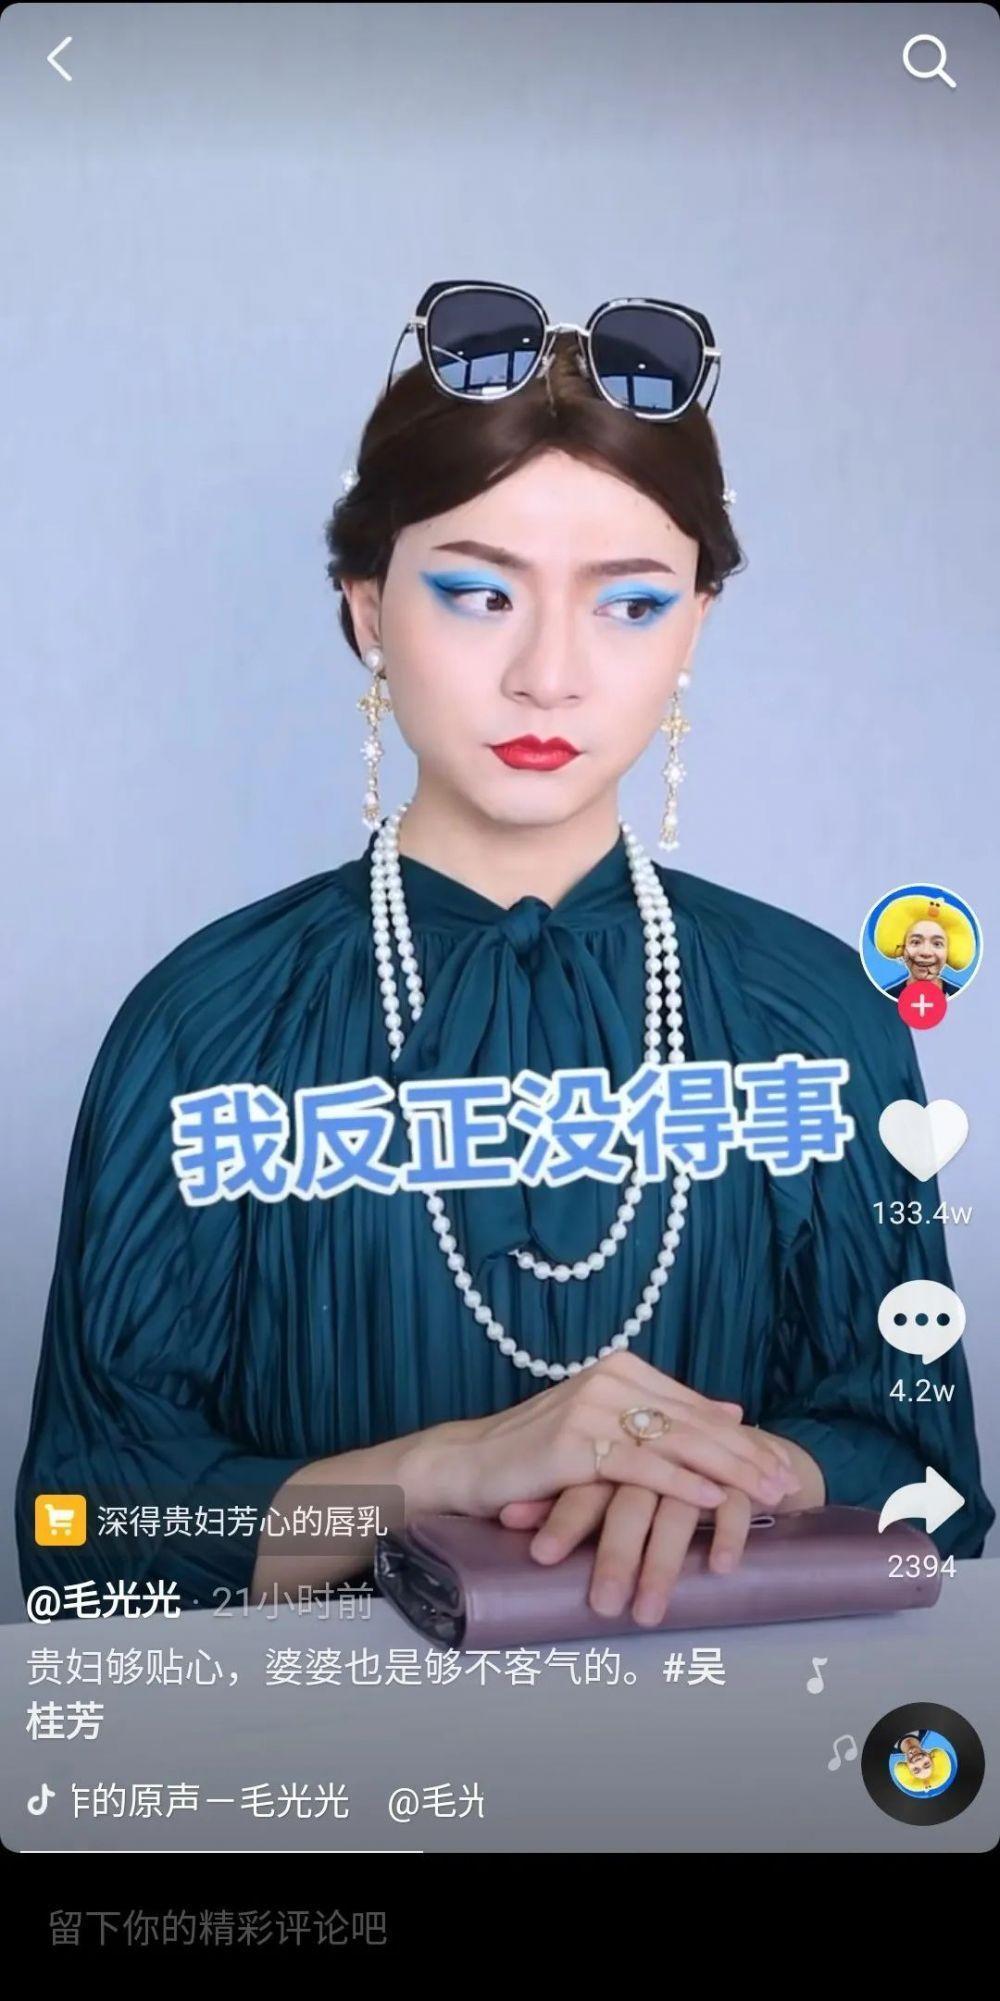 """1个月涨粉439w,那些一人分饰多角的""""百变大咖"""",为何让人欲罢不能?-第6张图片-周小辉<a href='http://www.zhouxiaohui.cn/duanshipin/'>短视频</a>培训博客"""